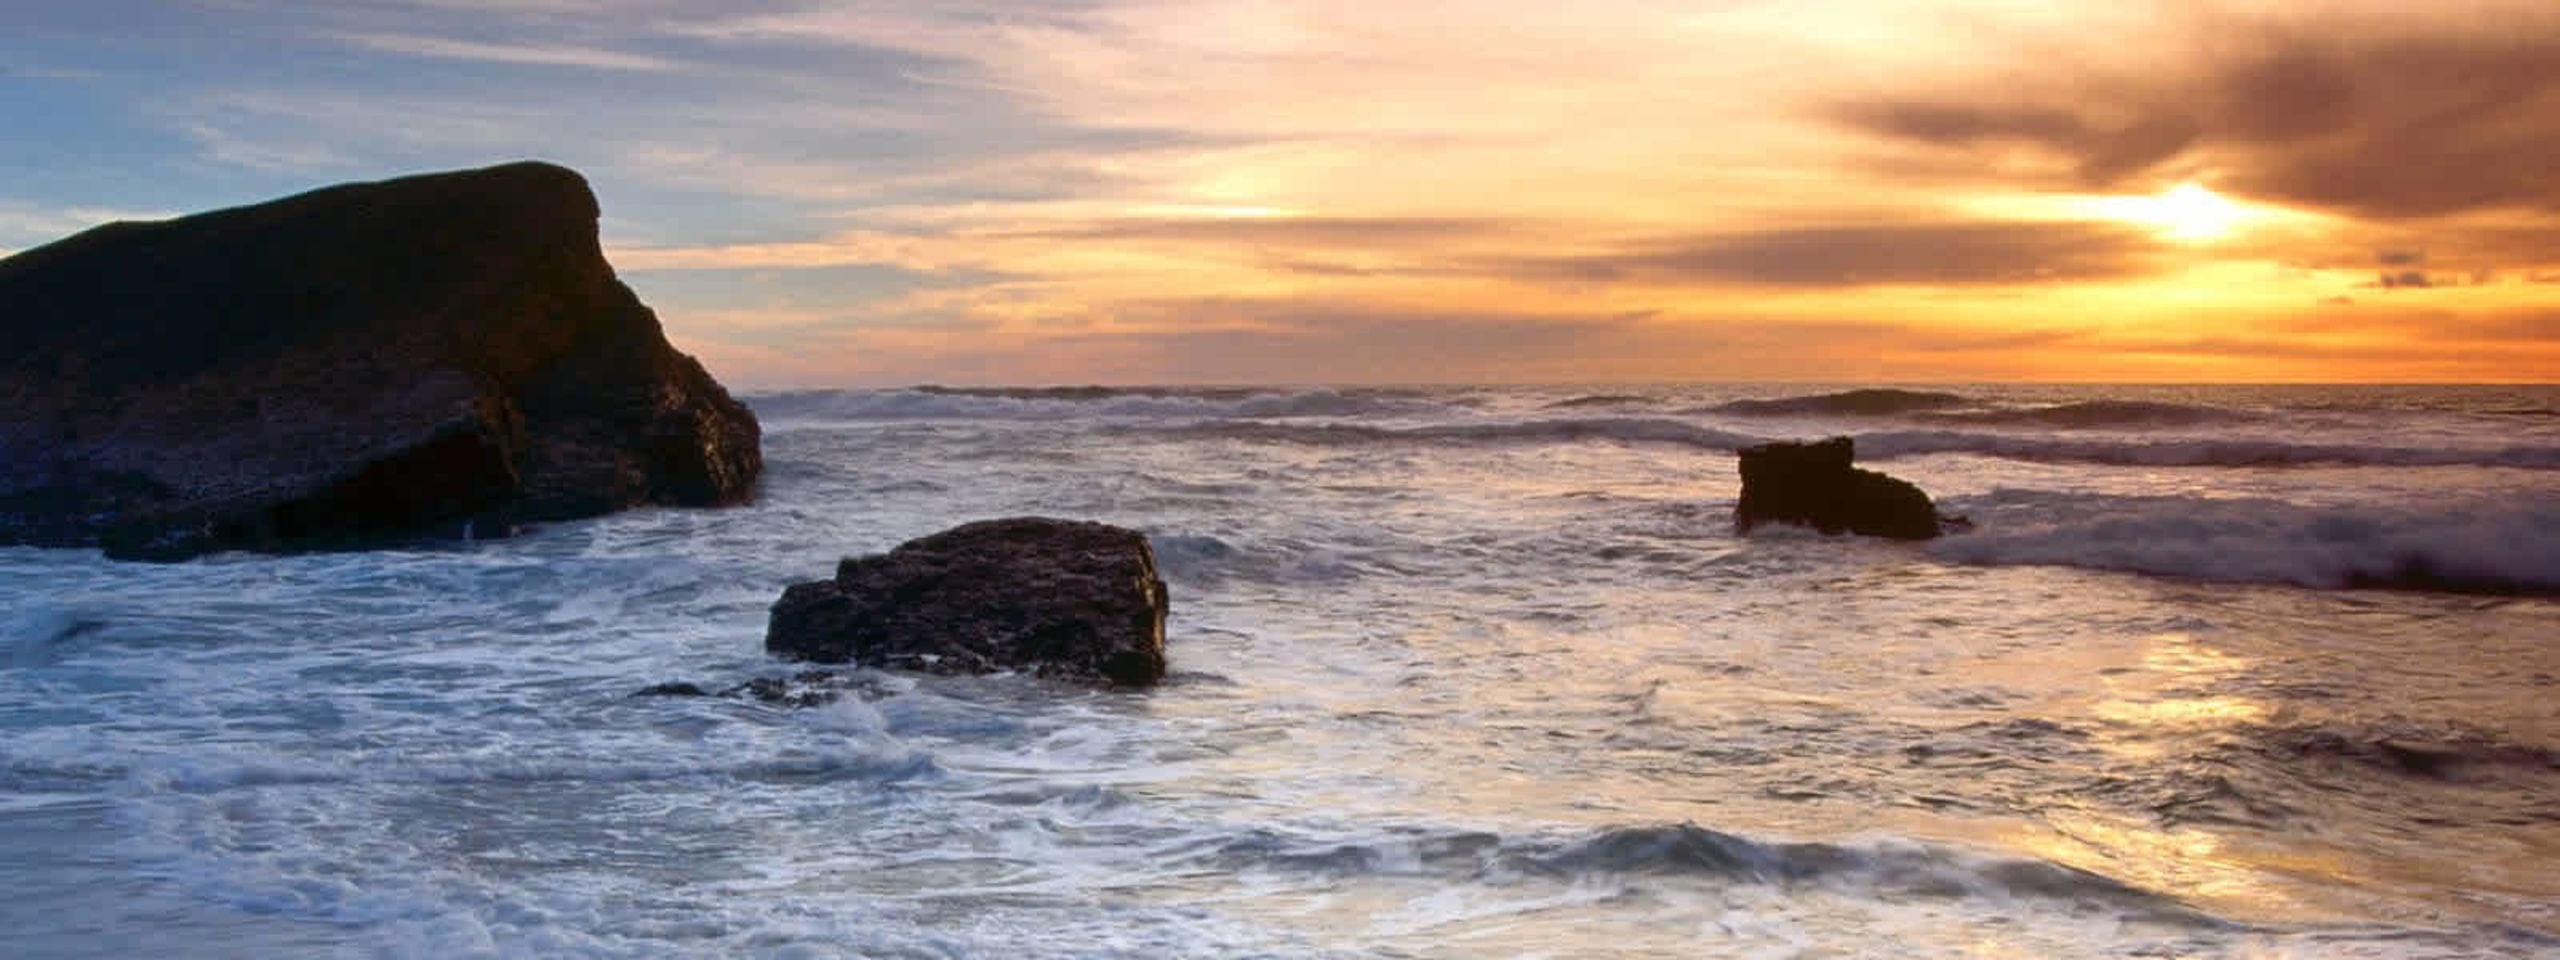 Enjoy the striking seaside views